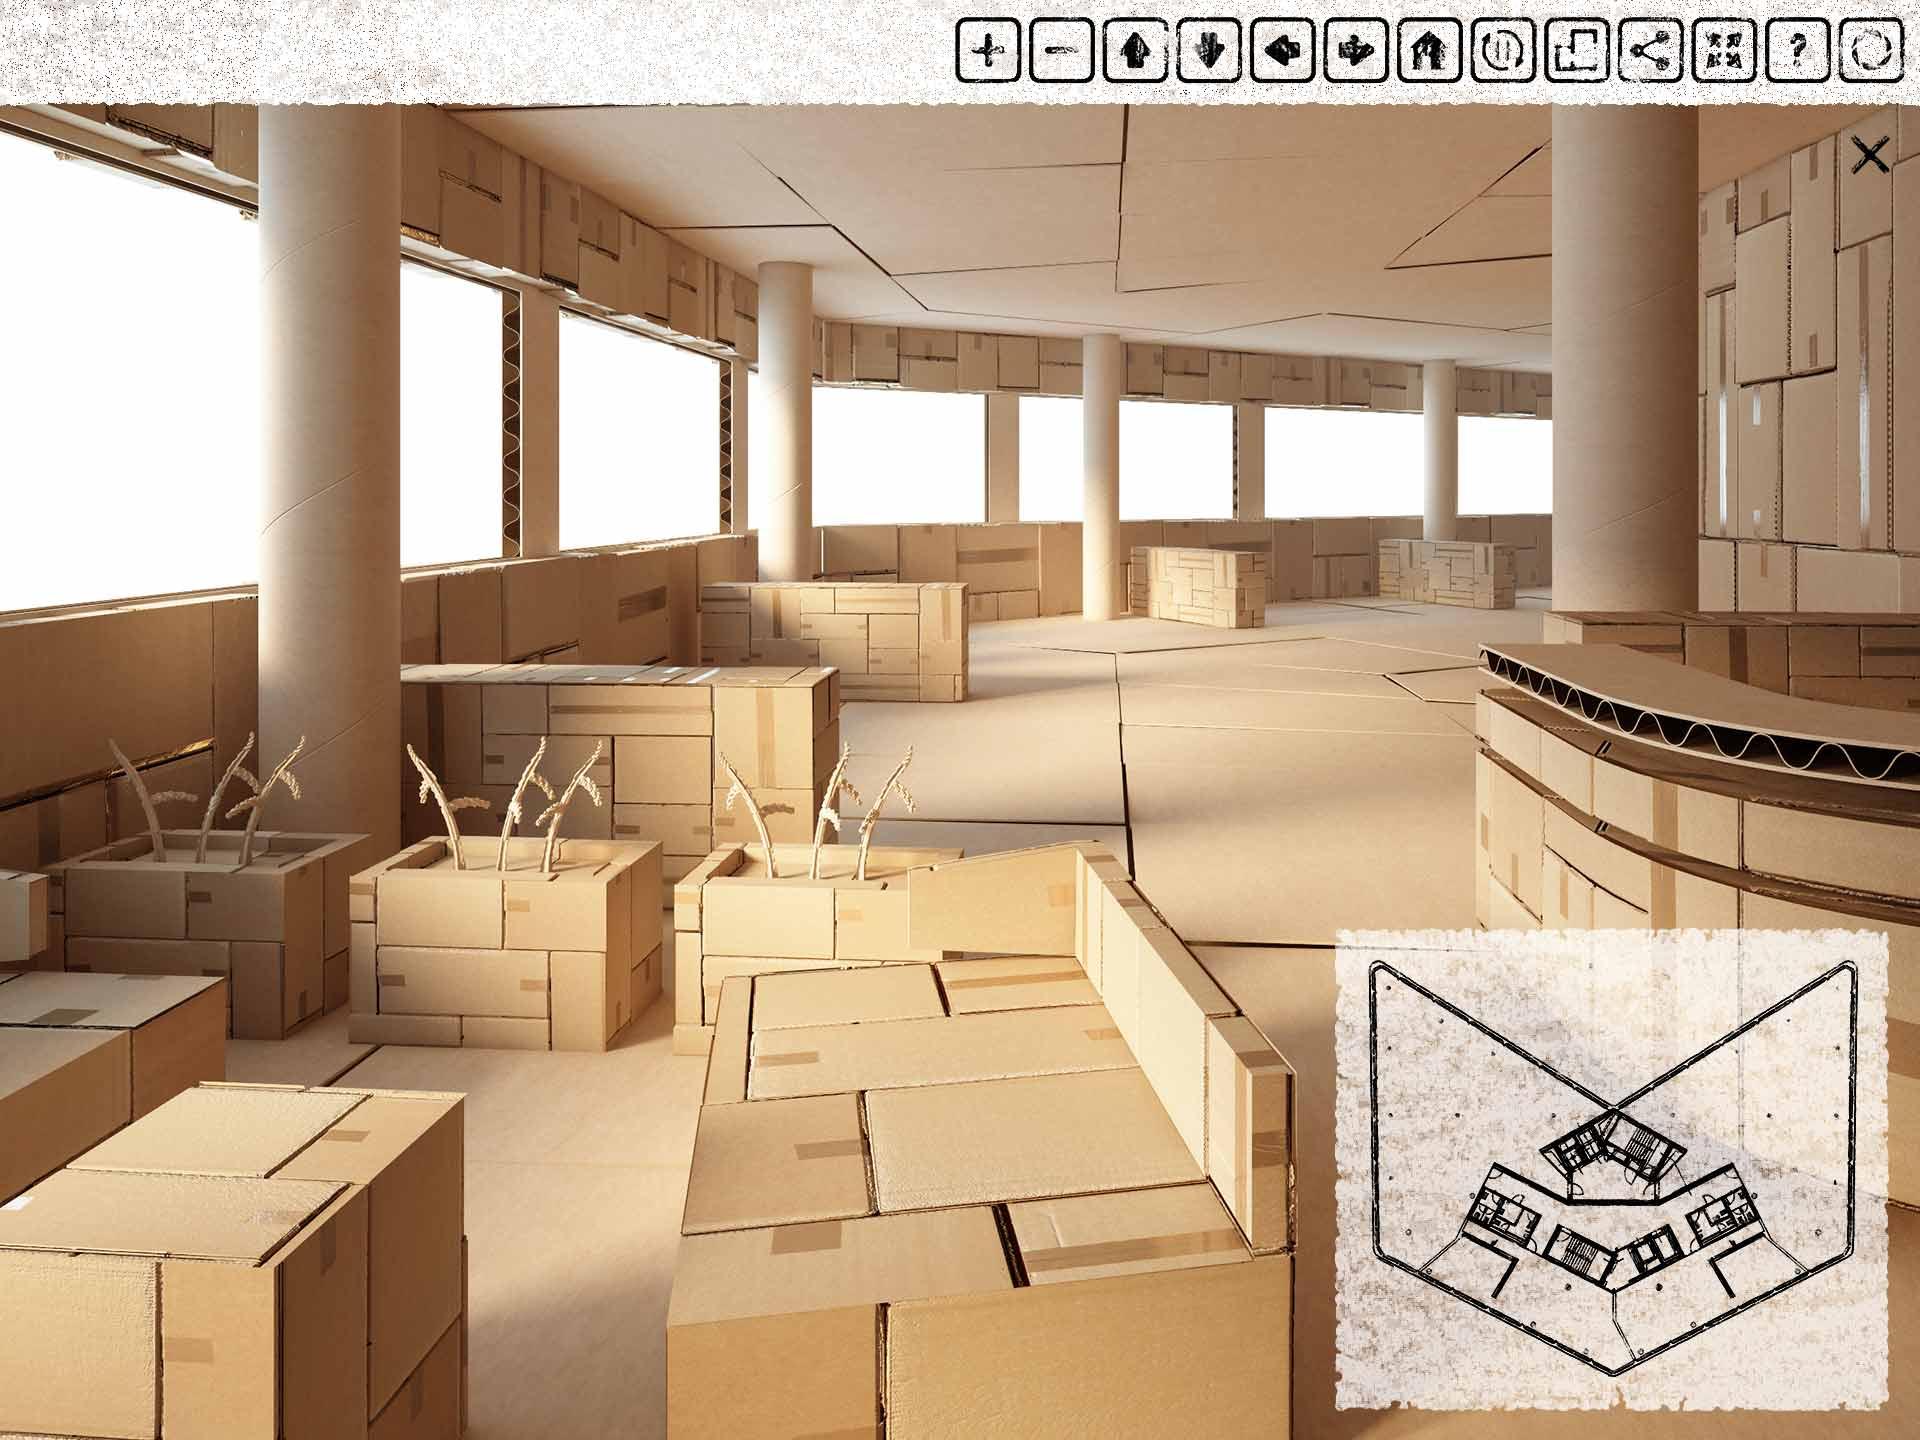 Virtuelle Wohnungsbesichtigungen. Ob in 3D oder ganz traditionell. Bei uns zu haben!